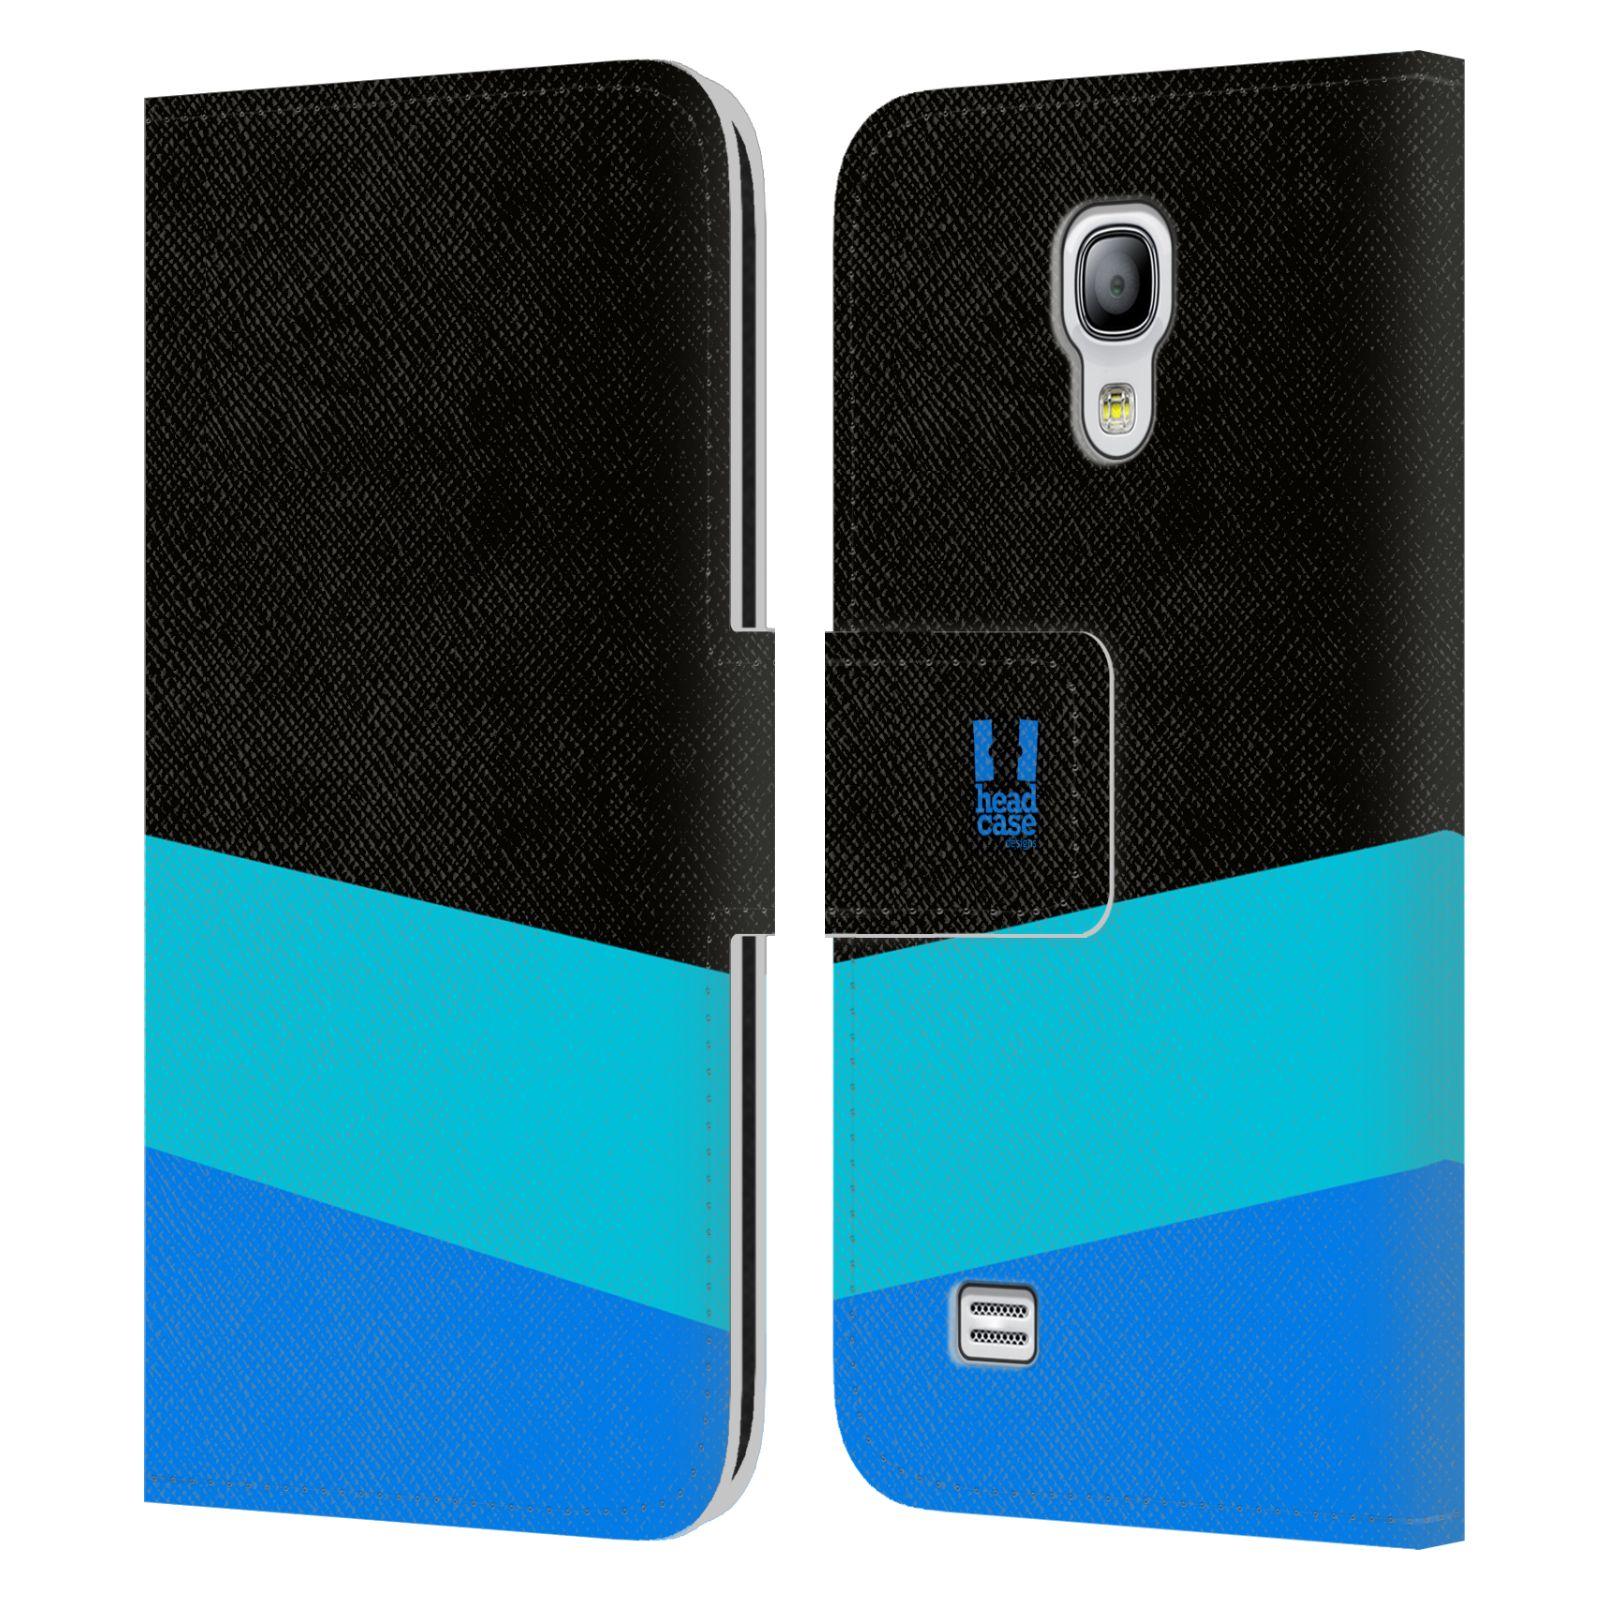 HEAD CASE Flipové pouzdro pro mobil Samsung Galaxy S4 MINI barevné tvary modrá a černá FORMAL